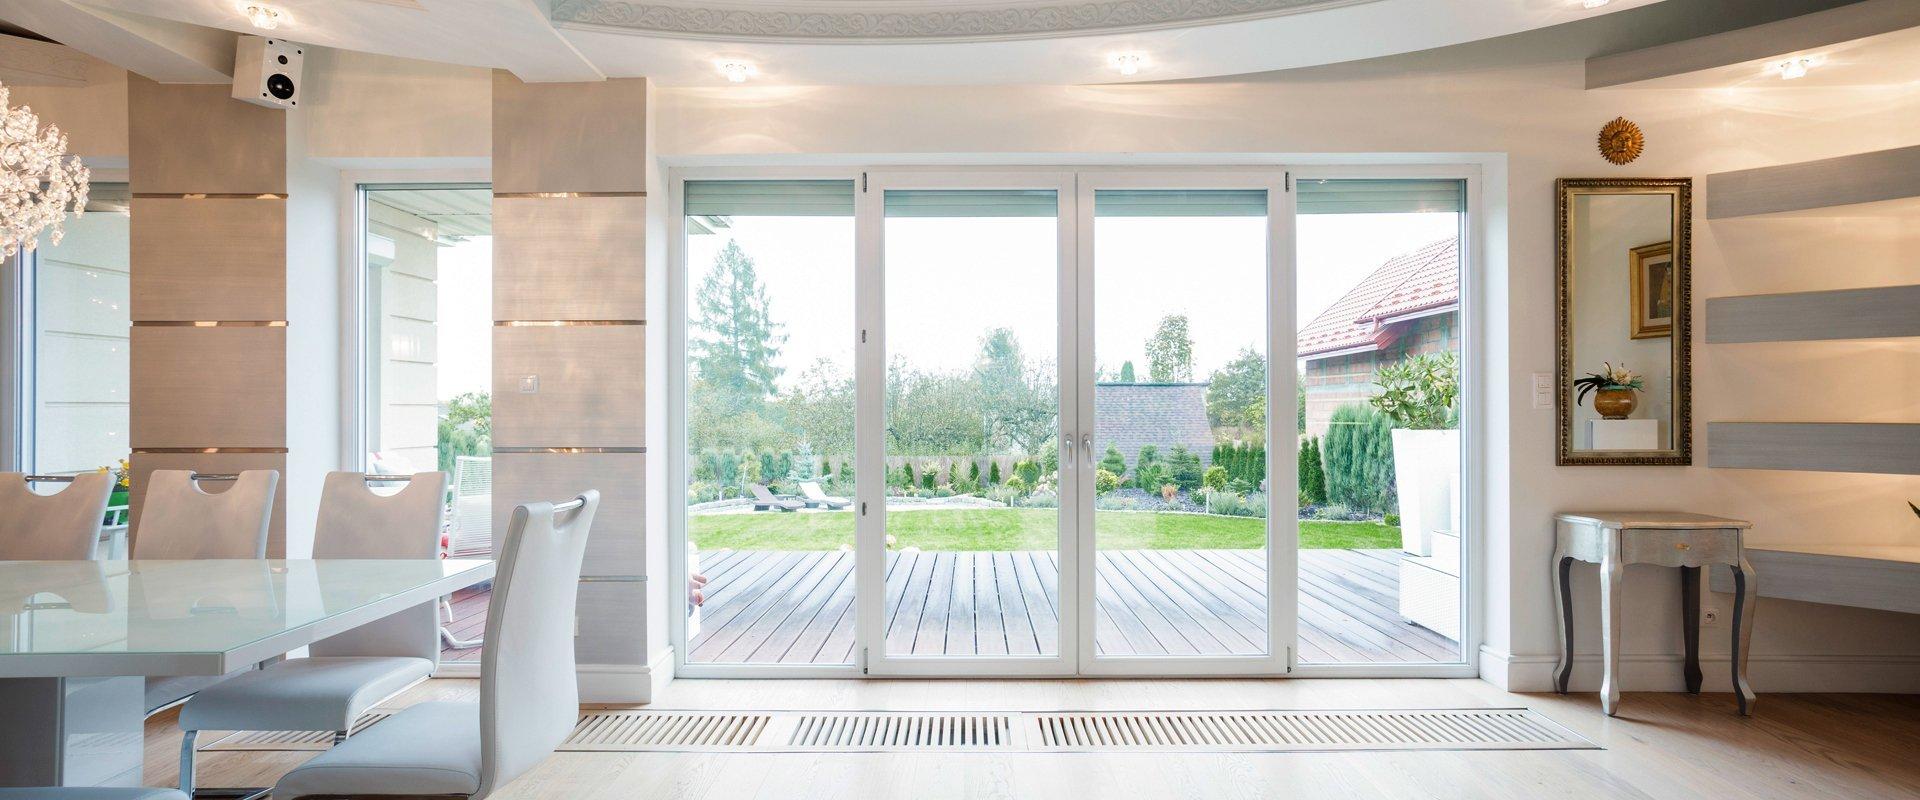 white framed doors